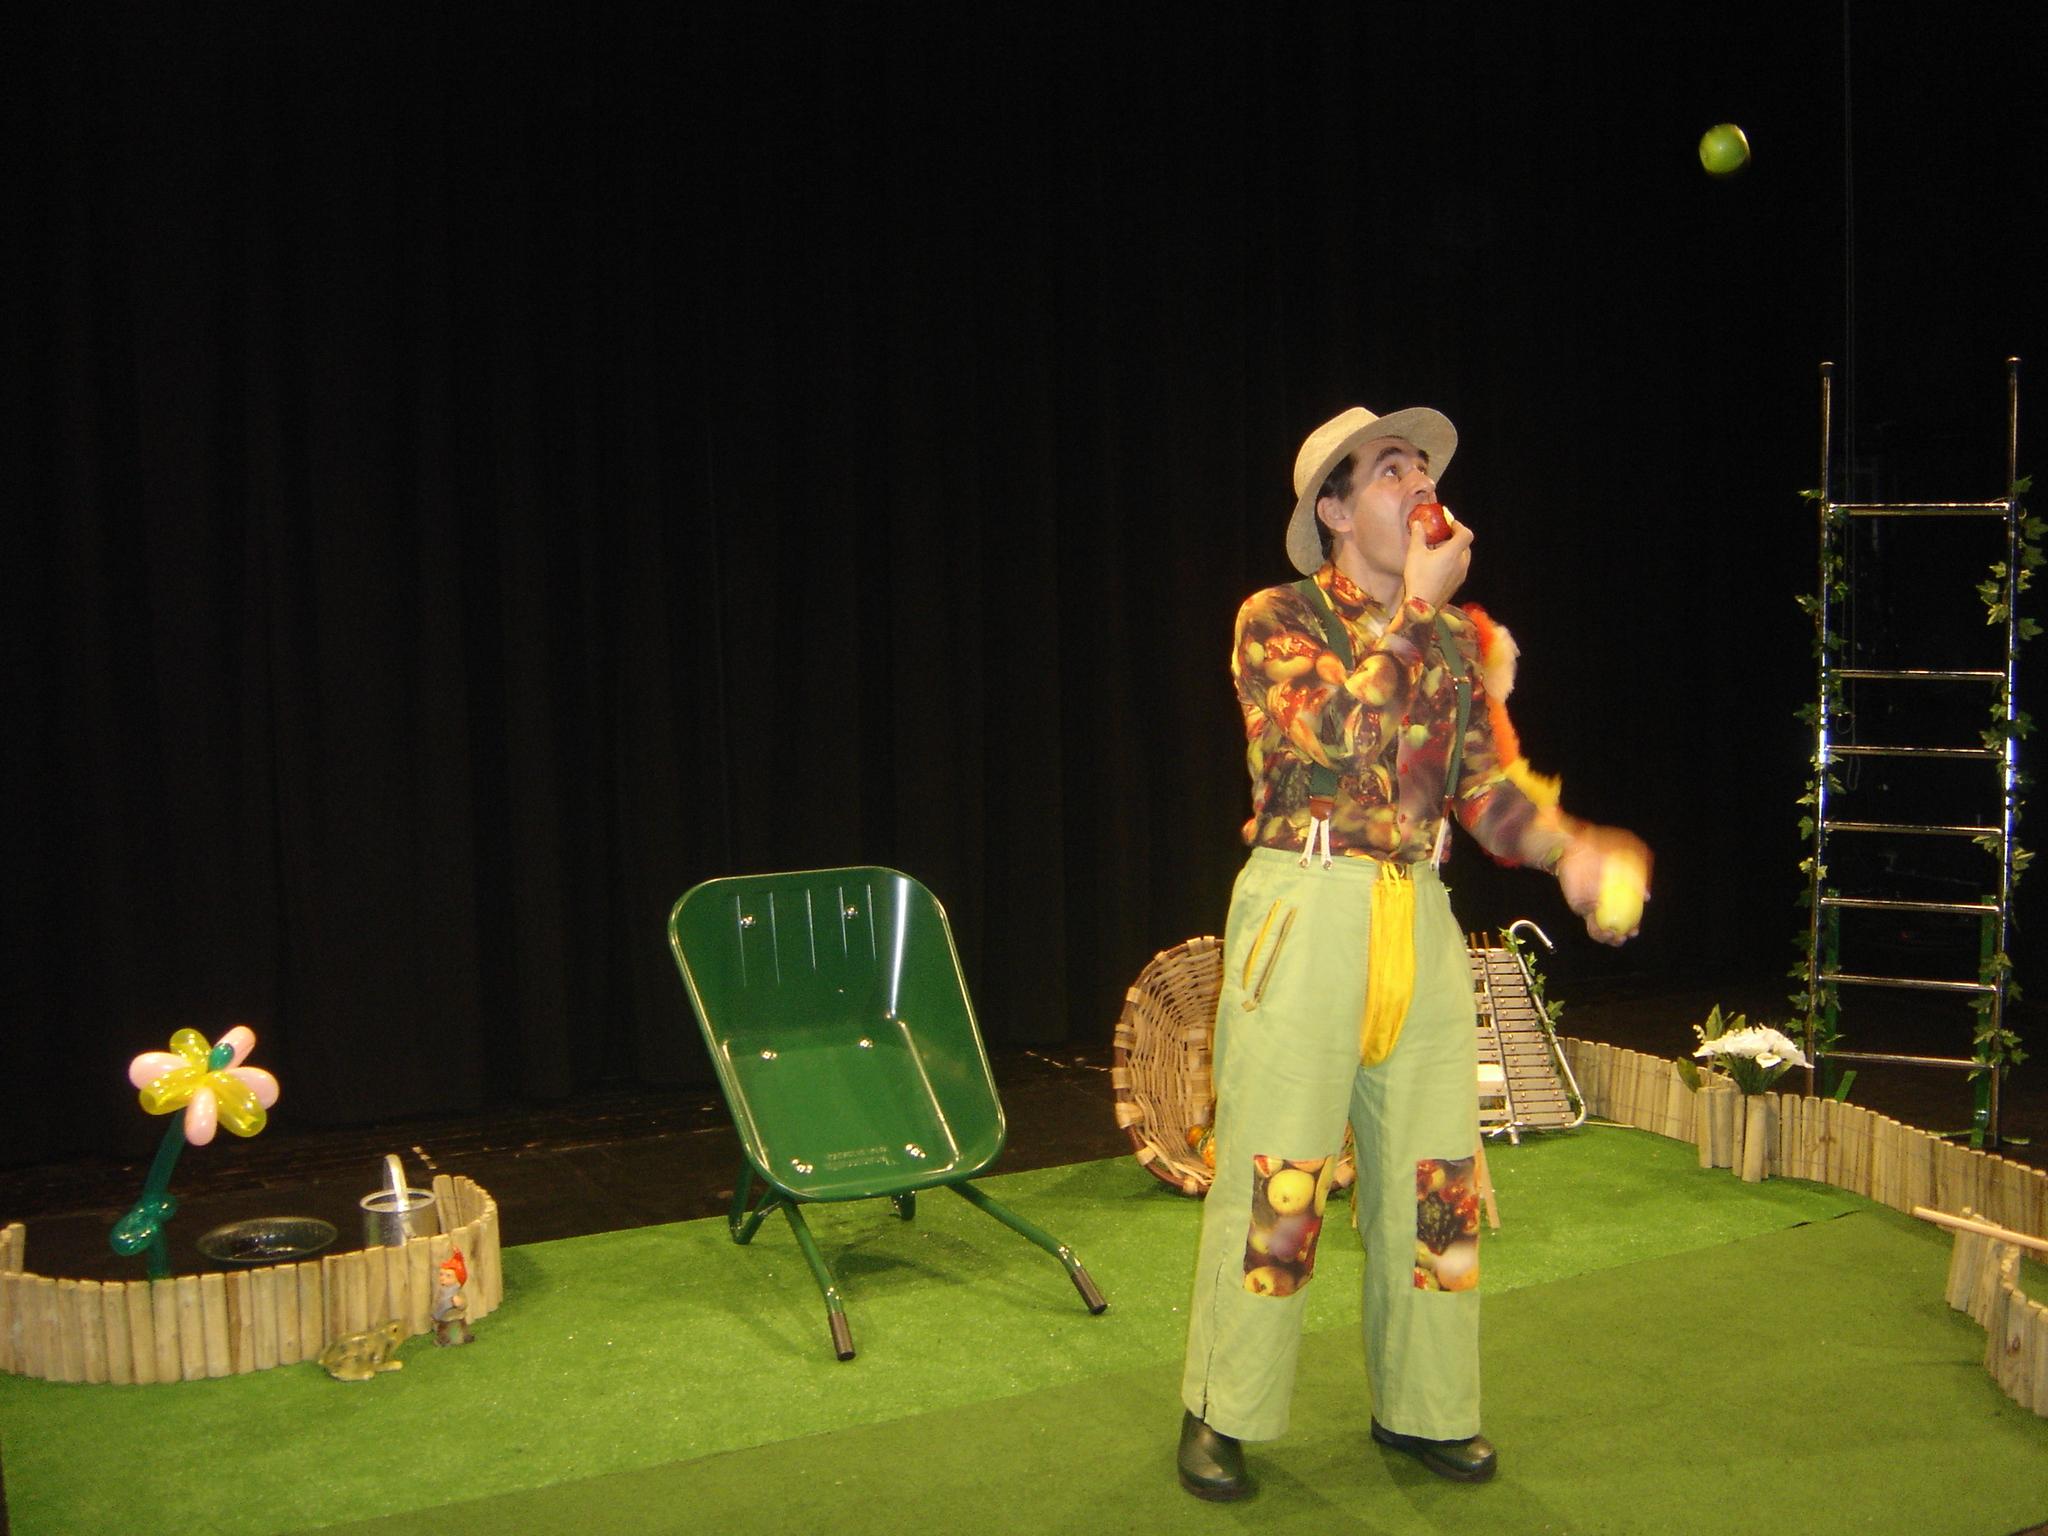 Un jardinier qui mange une pomme en jonglant cirkonflex